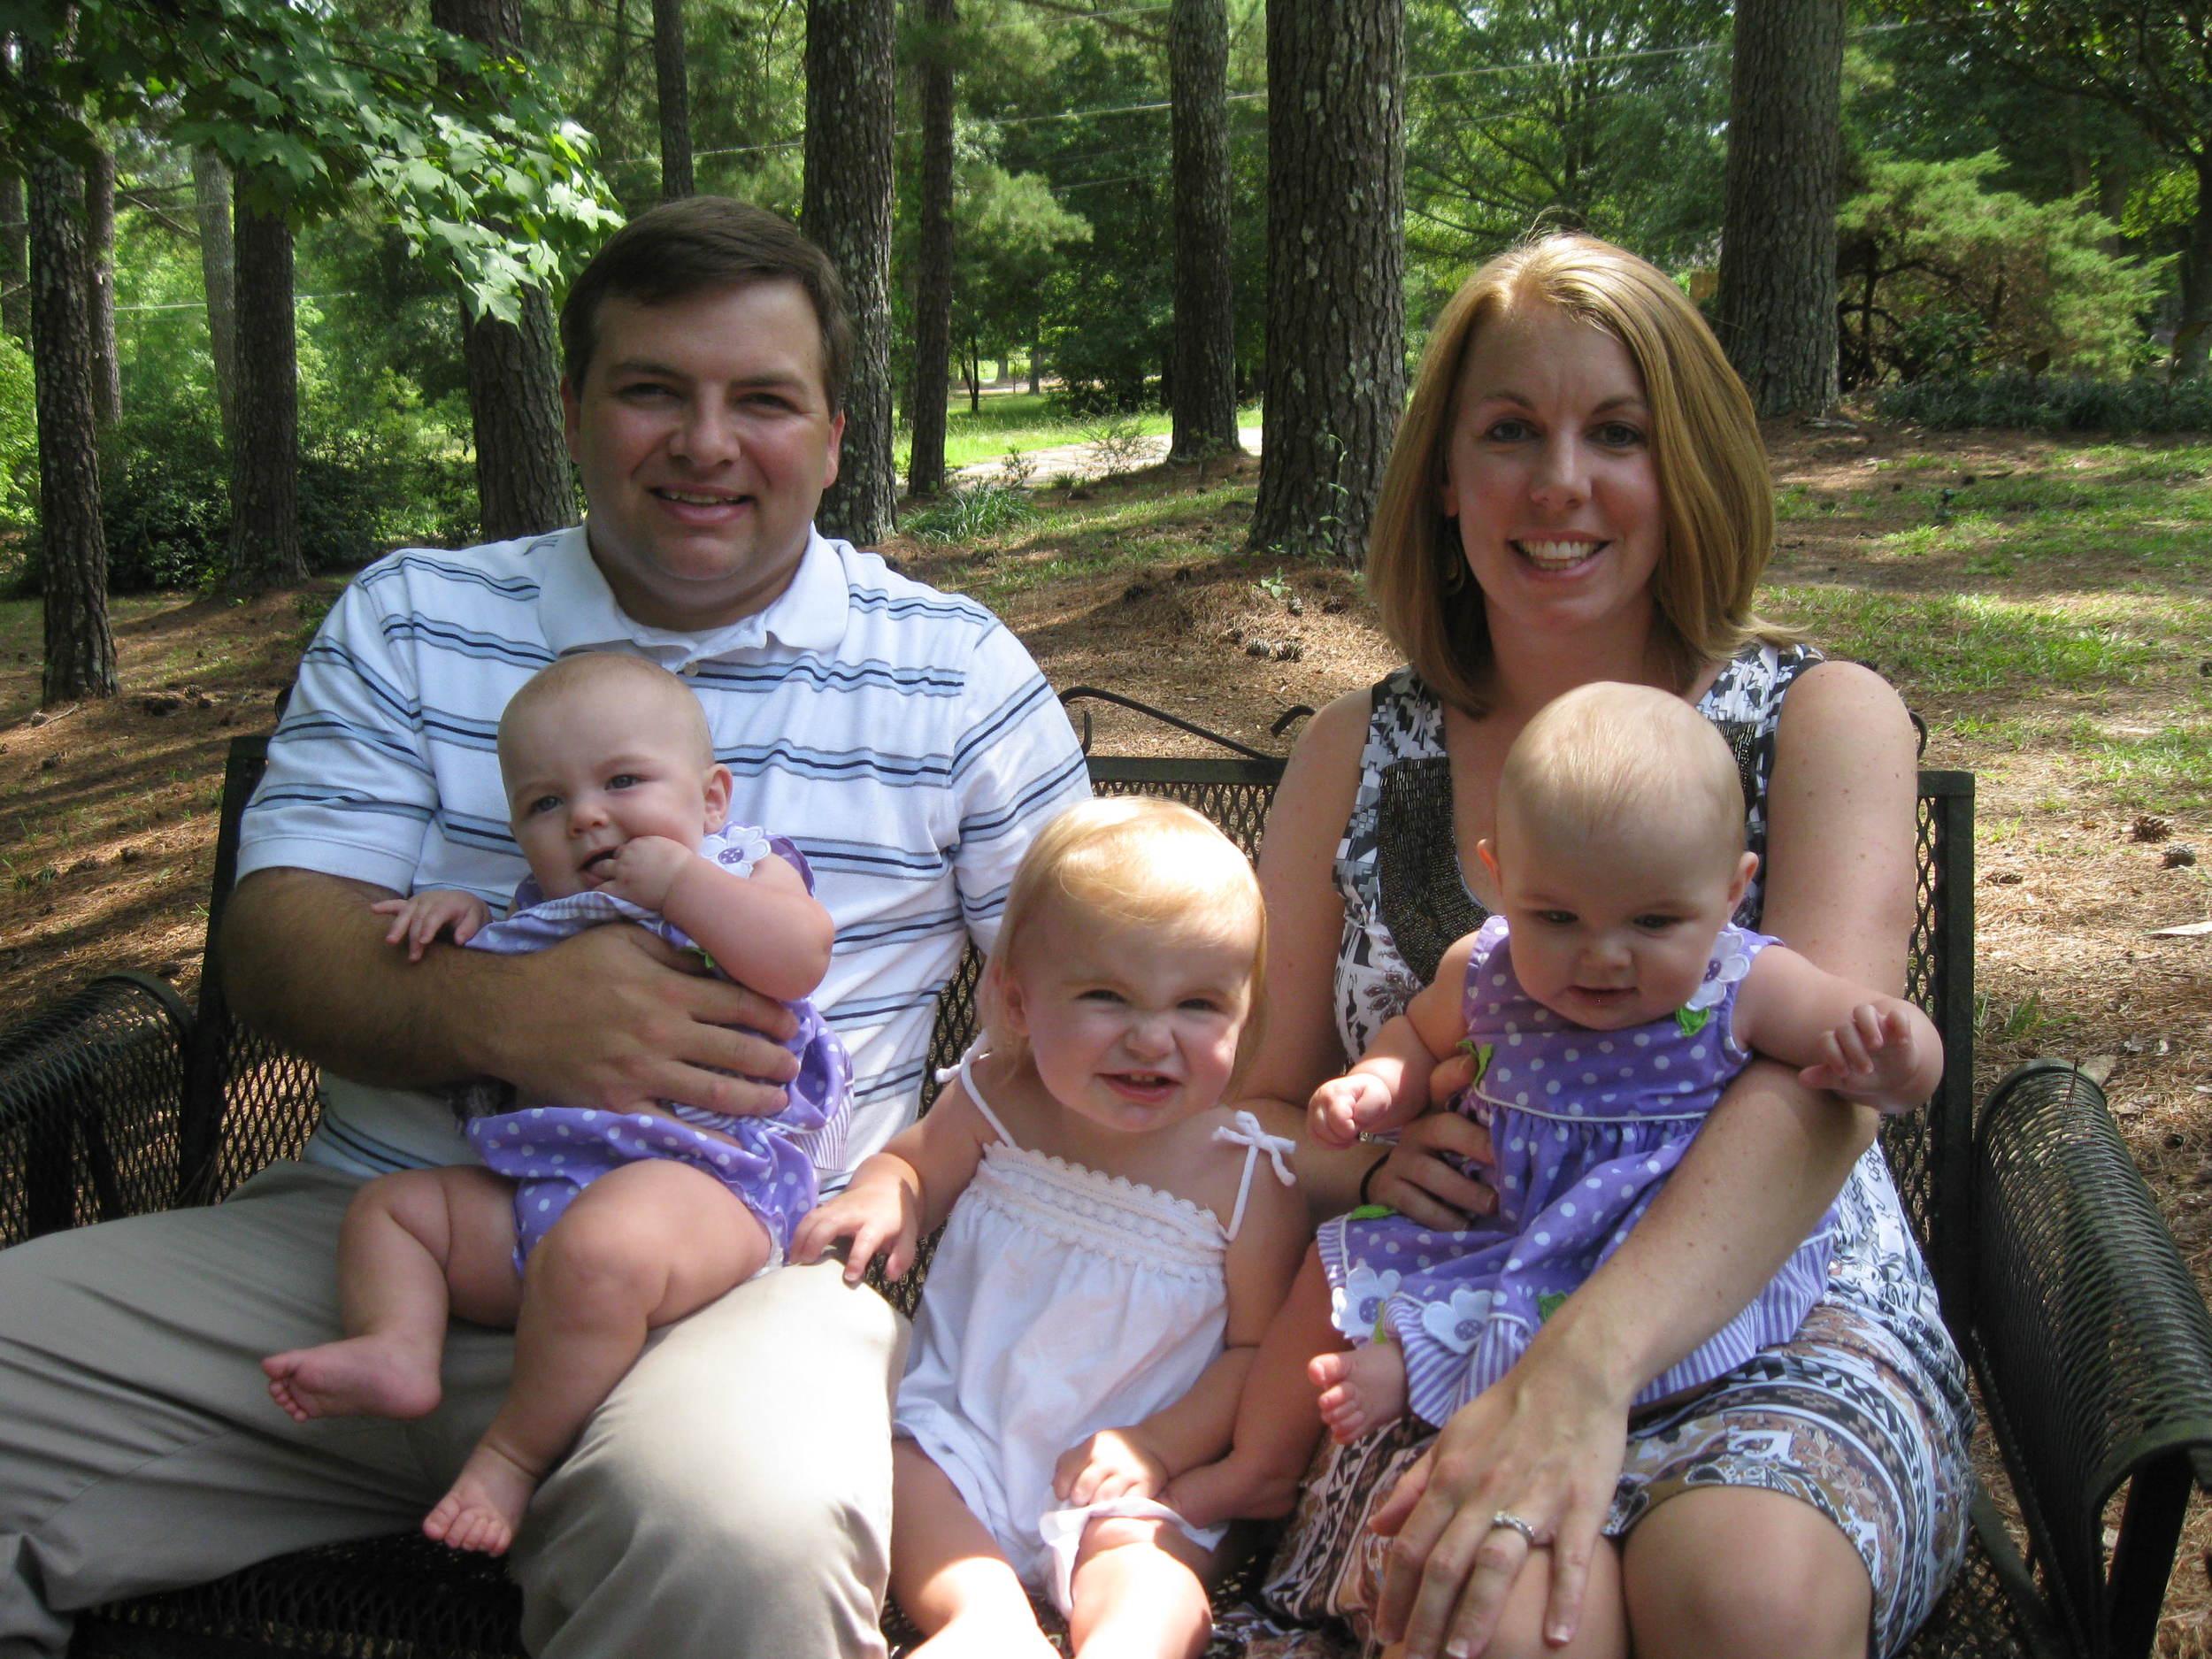 Family in Gadsden Outside_0812.JPG